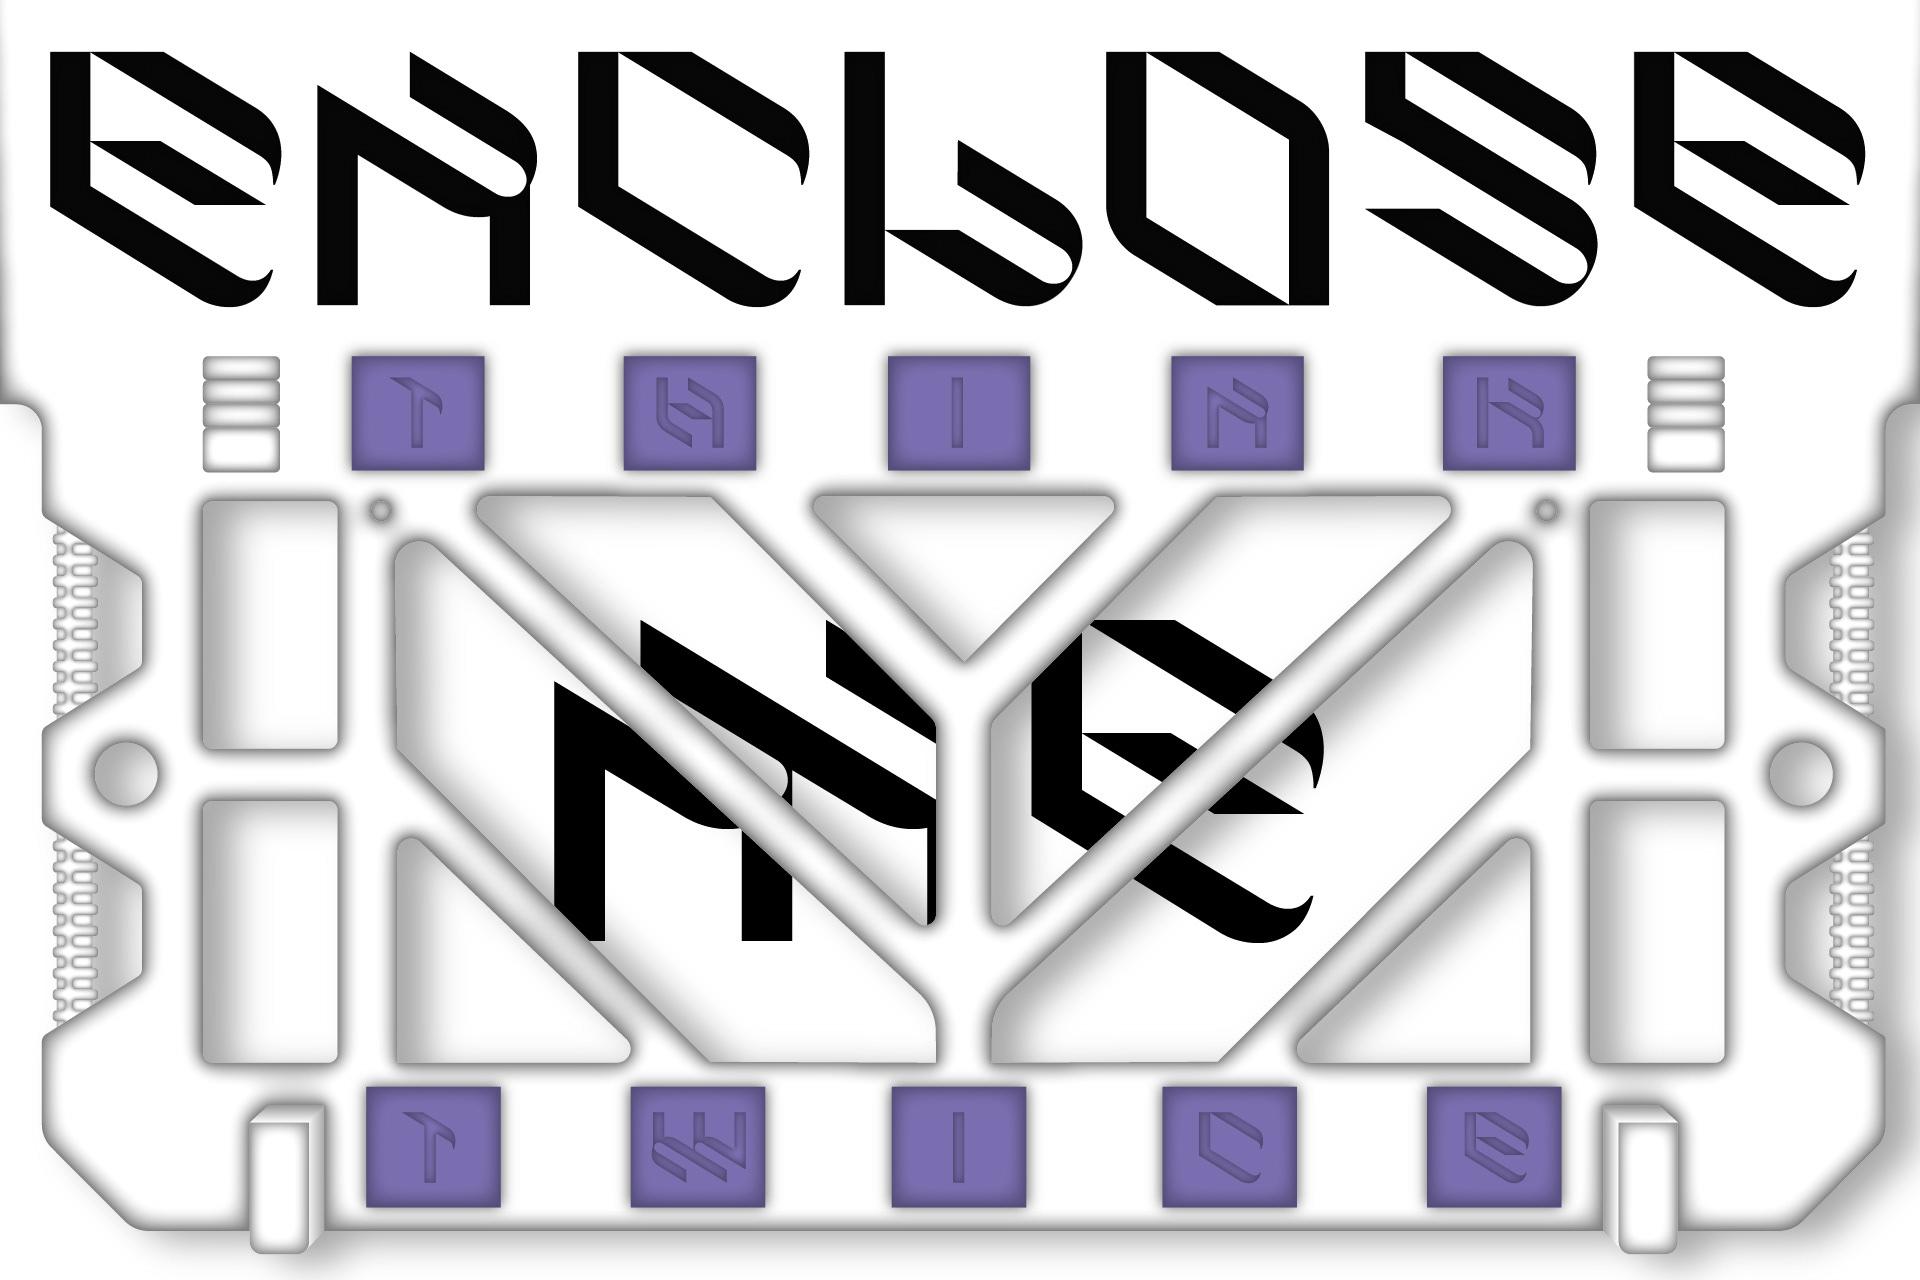 倾斜对角线英文字体下载 Eskos Typeface插图(14)